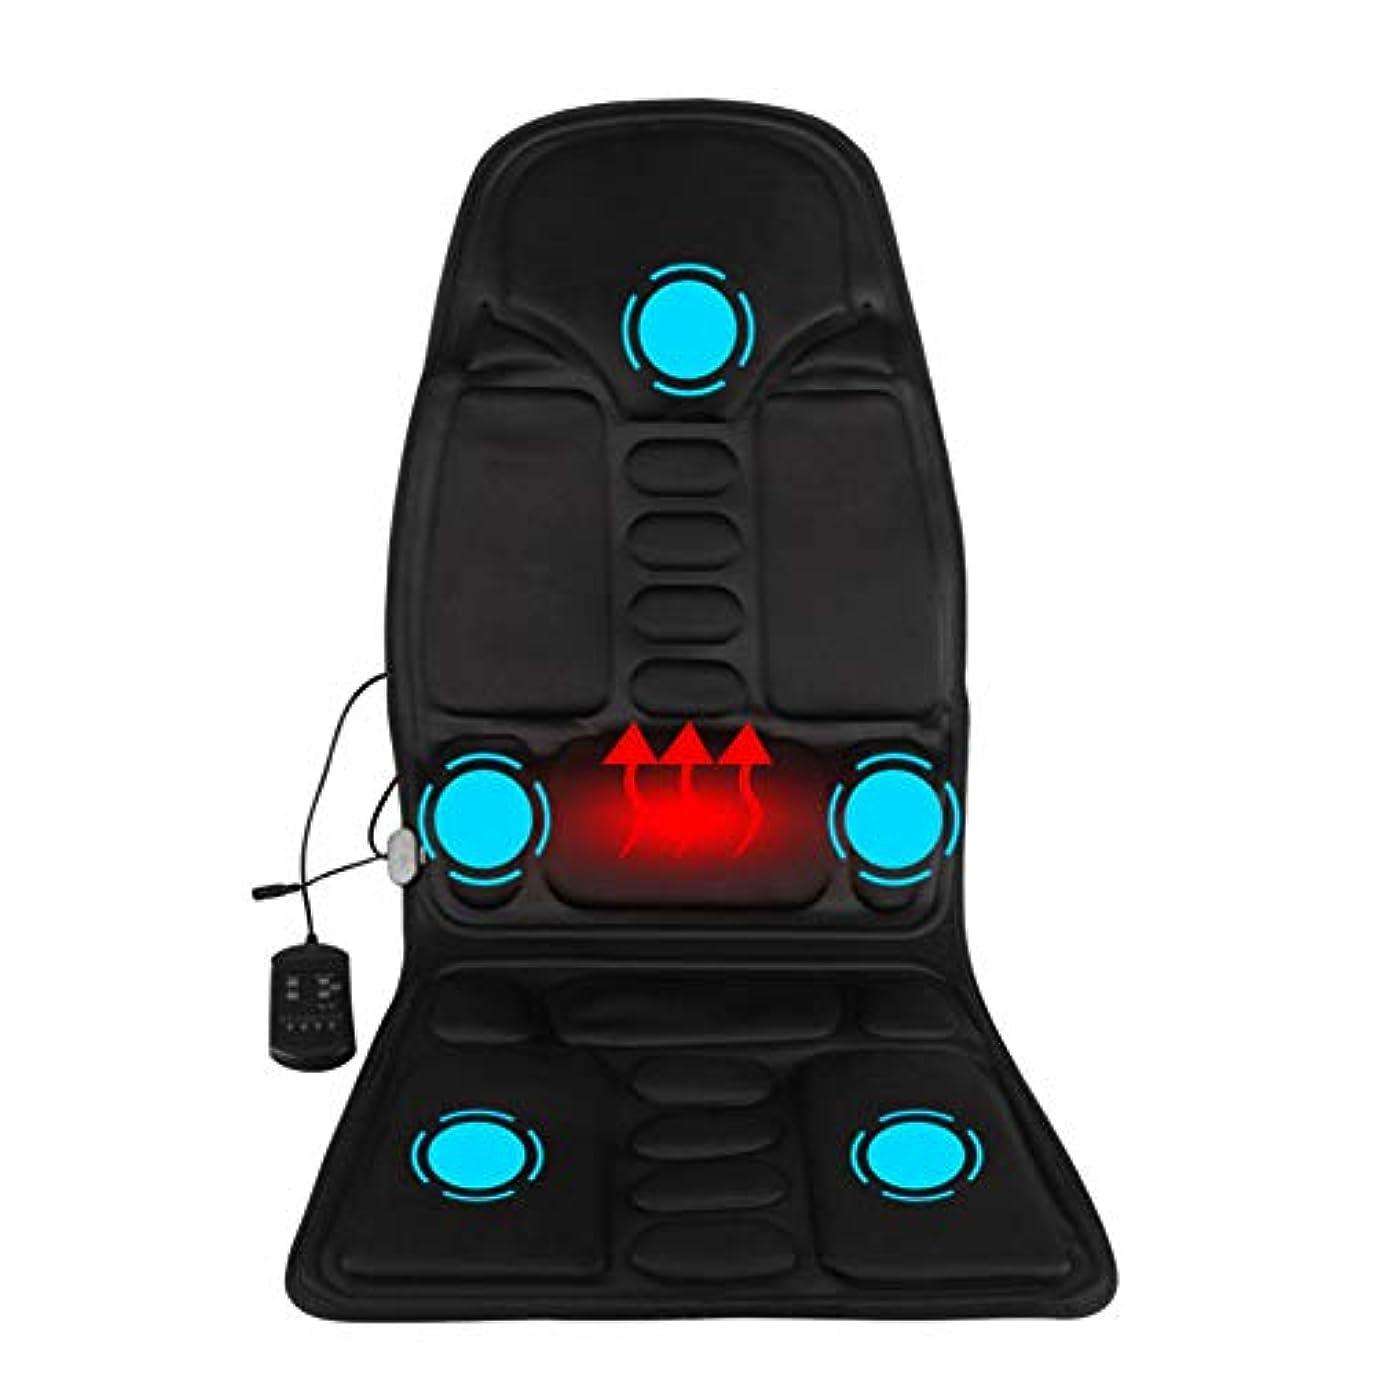 報復する新しい意味インシュレータマッサージのあと振れ止めのクッション、車の総本店の5つの熱振動モーターを搭載する背部そして首全体のための携帯用マッサージャーの座席振動のマッサージ